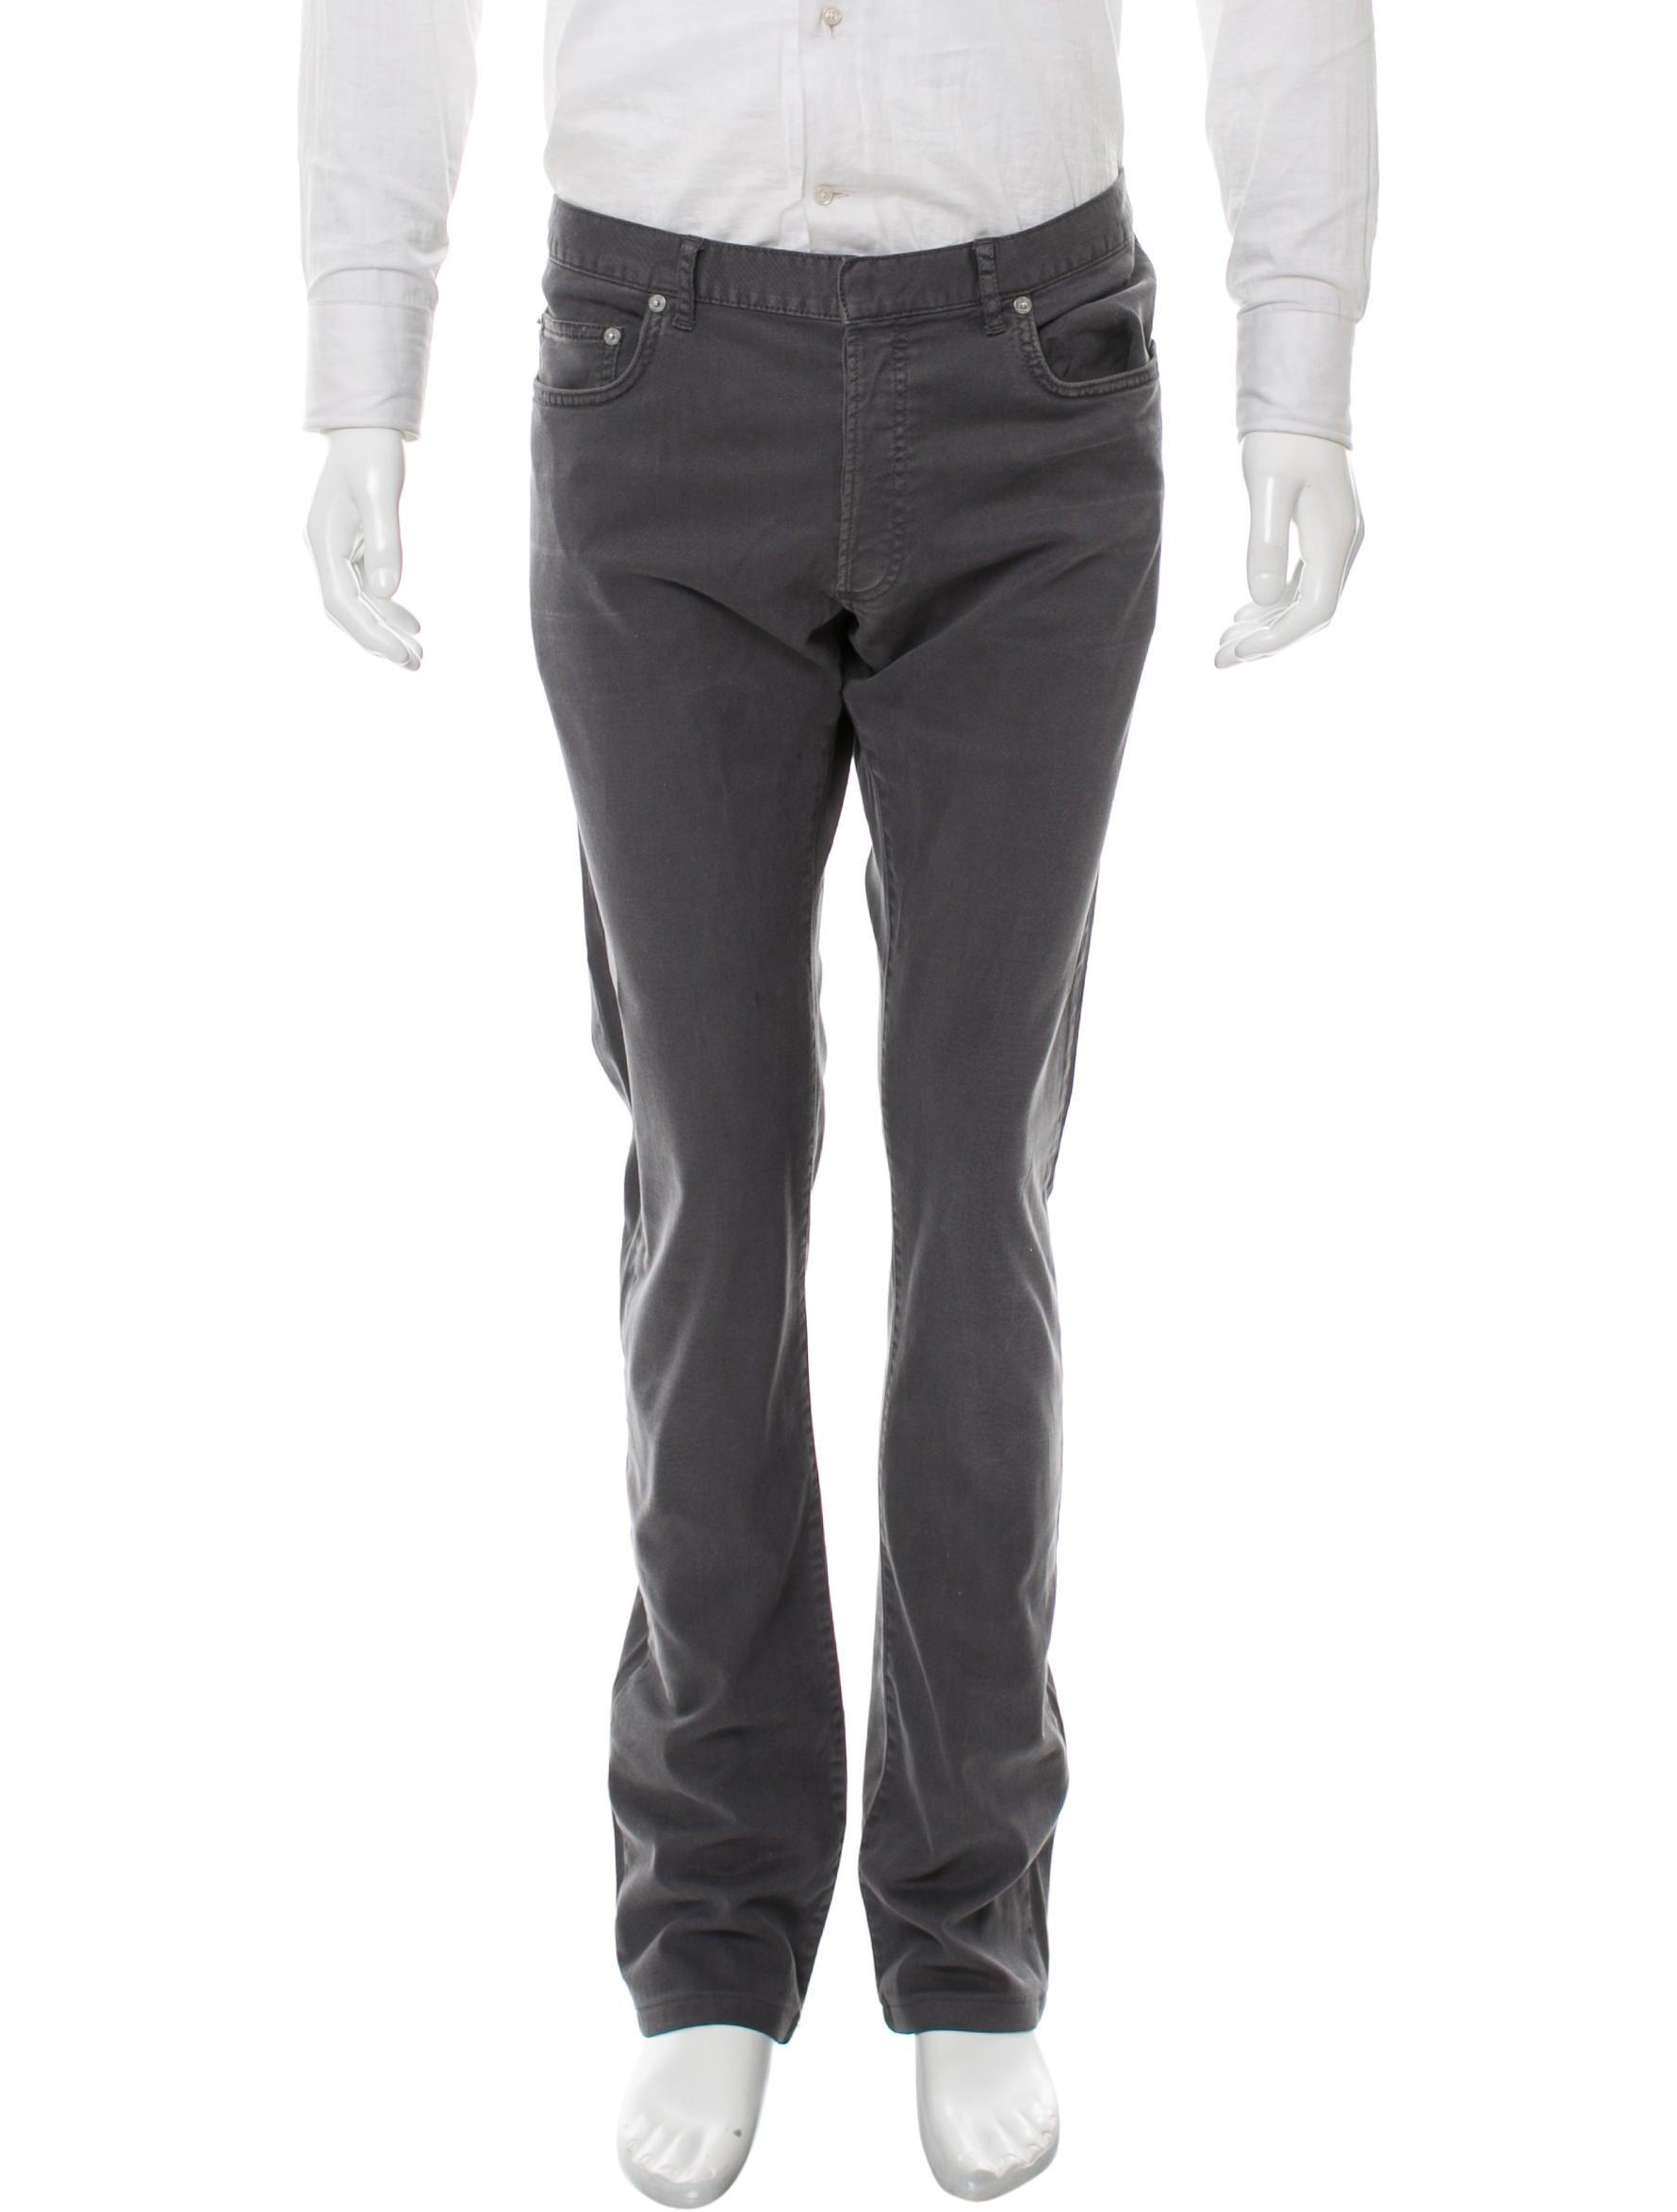 dior homme five pocket skinny jeans clothing hmm23050 the realreal. Black Bedroom Furniture Sets. Home Design Ideas